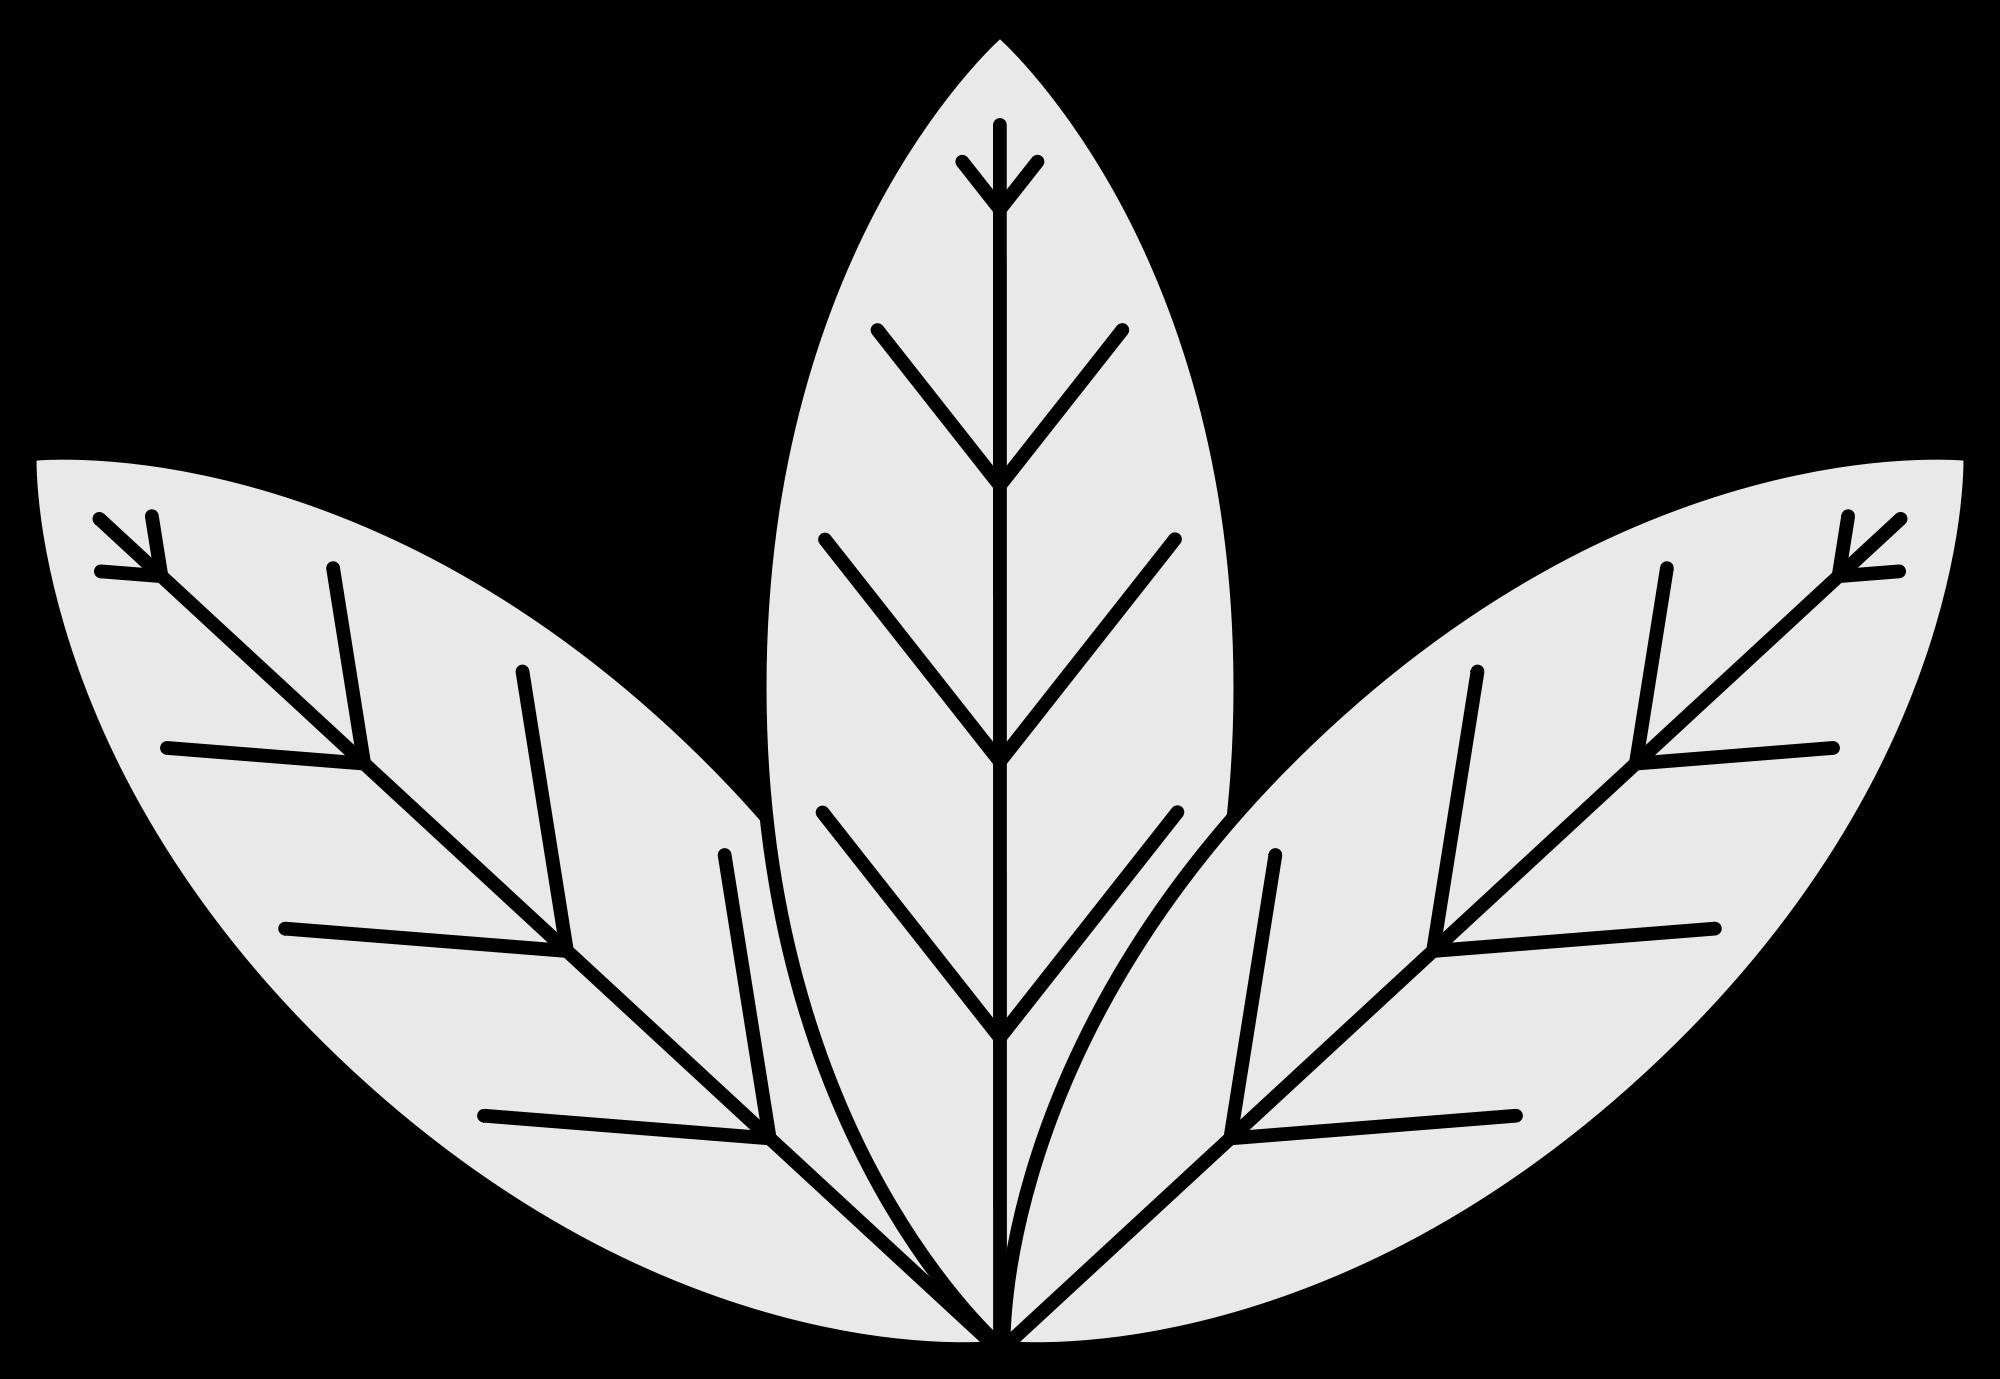 Leaves tobacco leaf